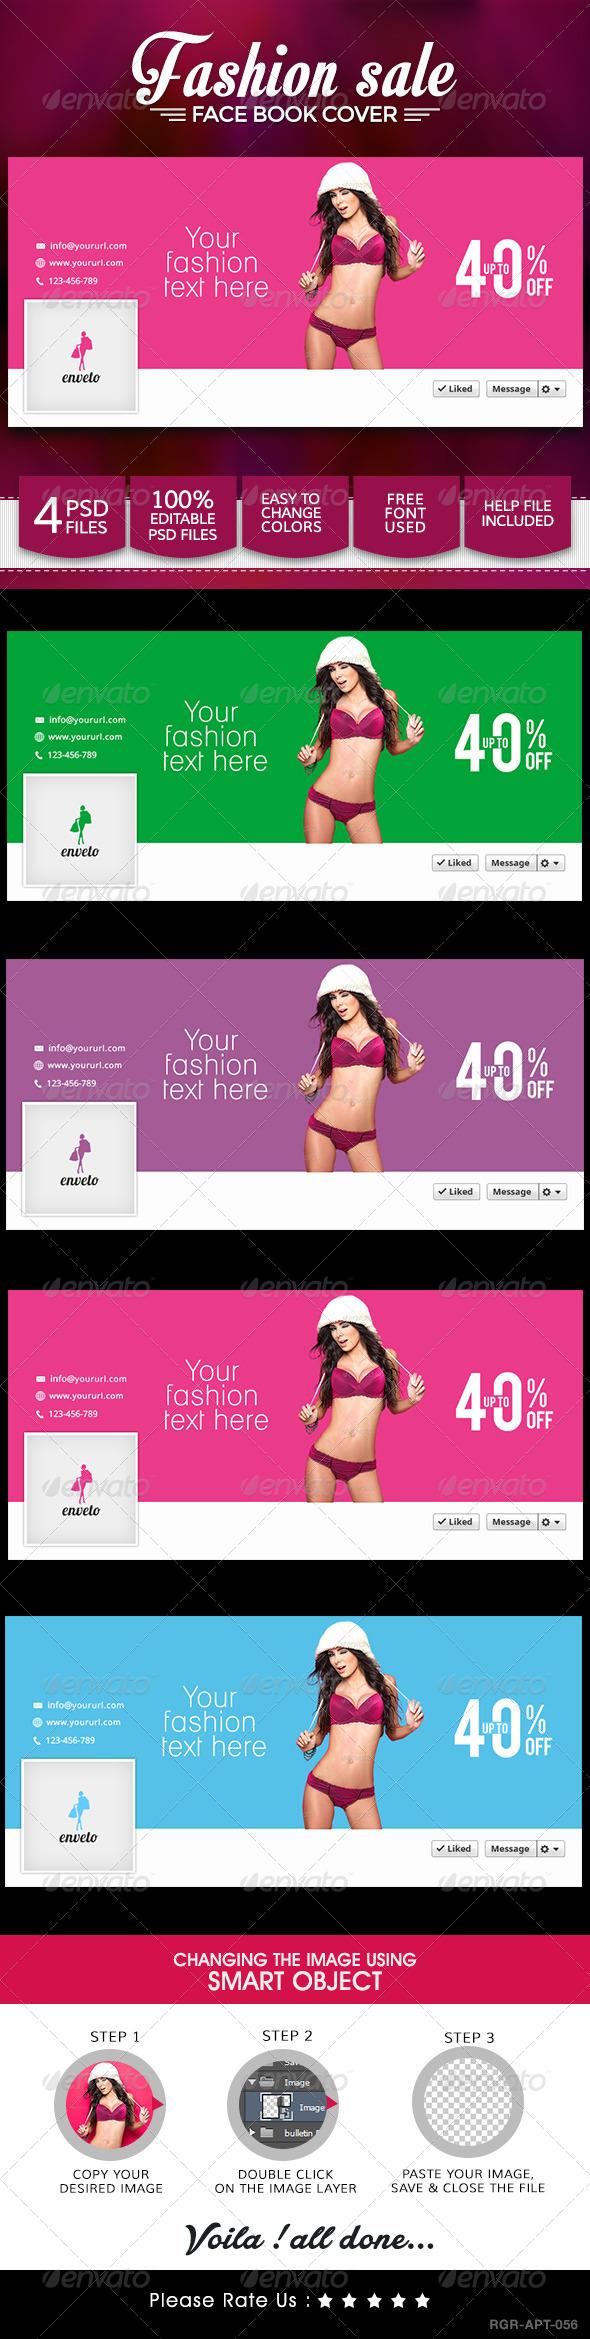 GraphicRiver Fashion Sale Minimalistic Facebook Cover Design 8566784